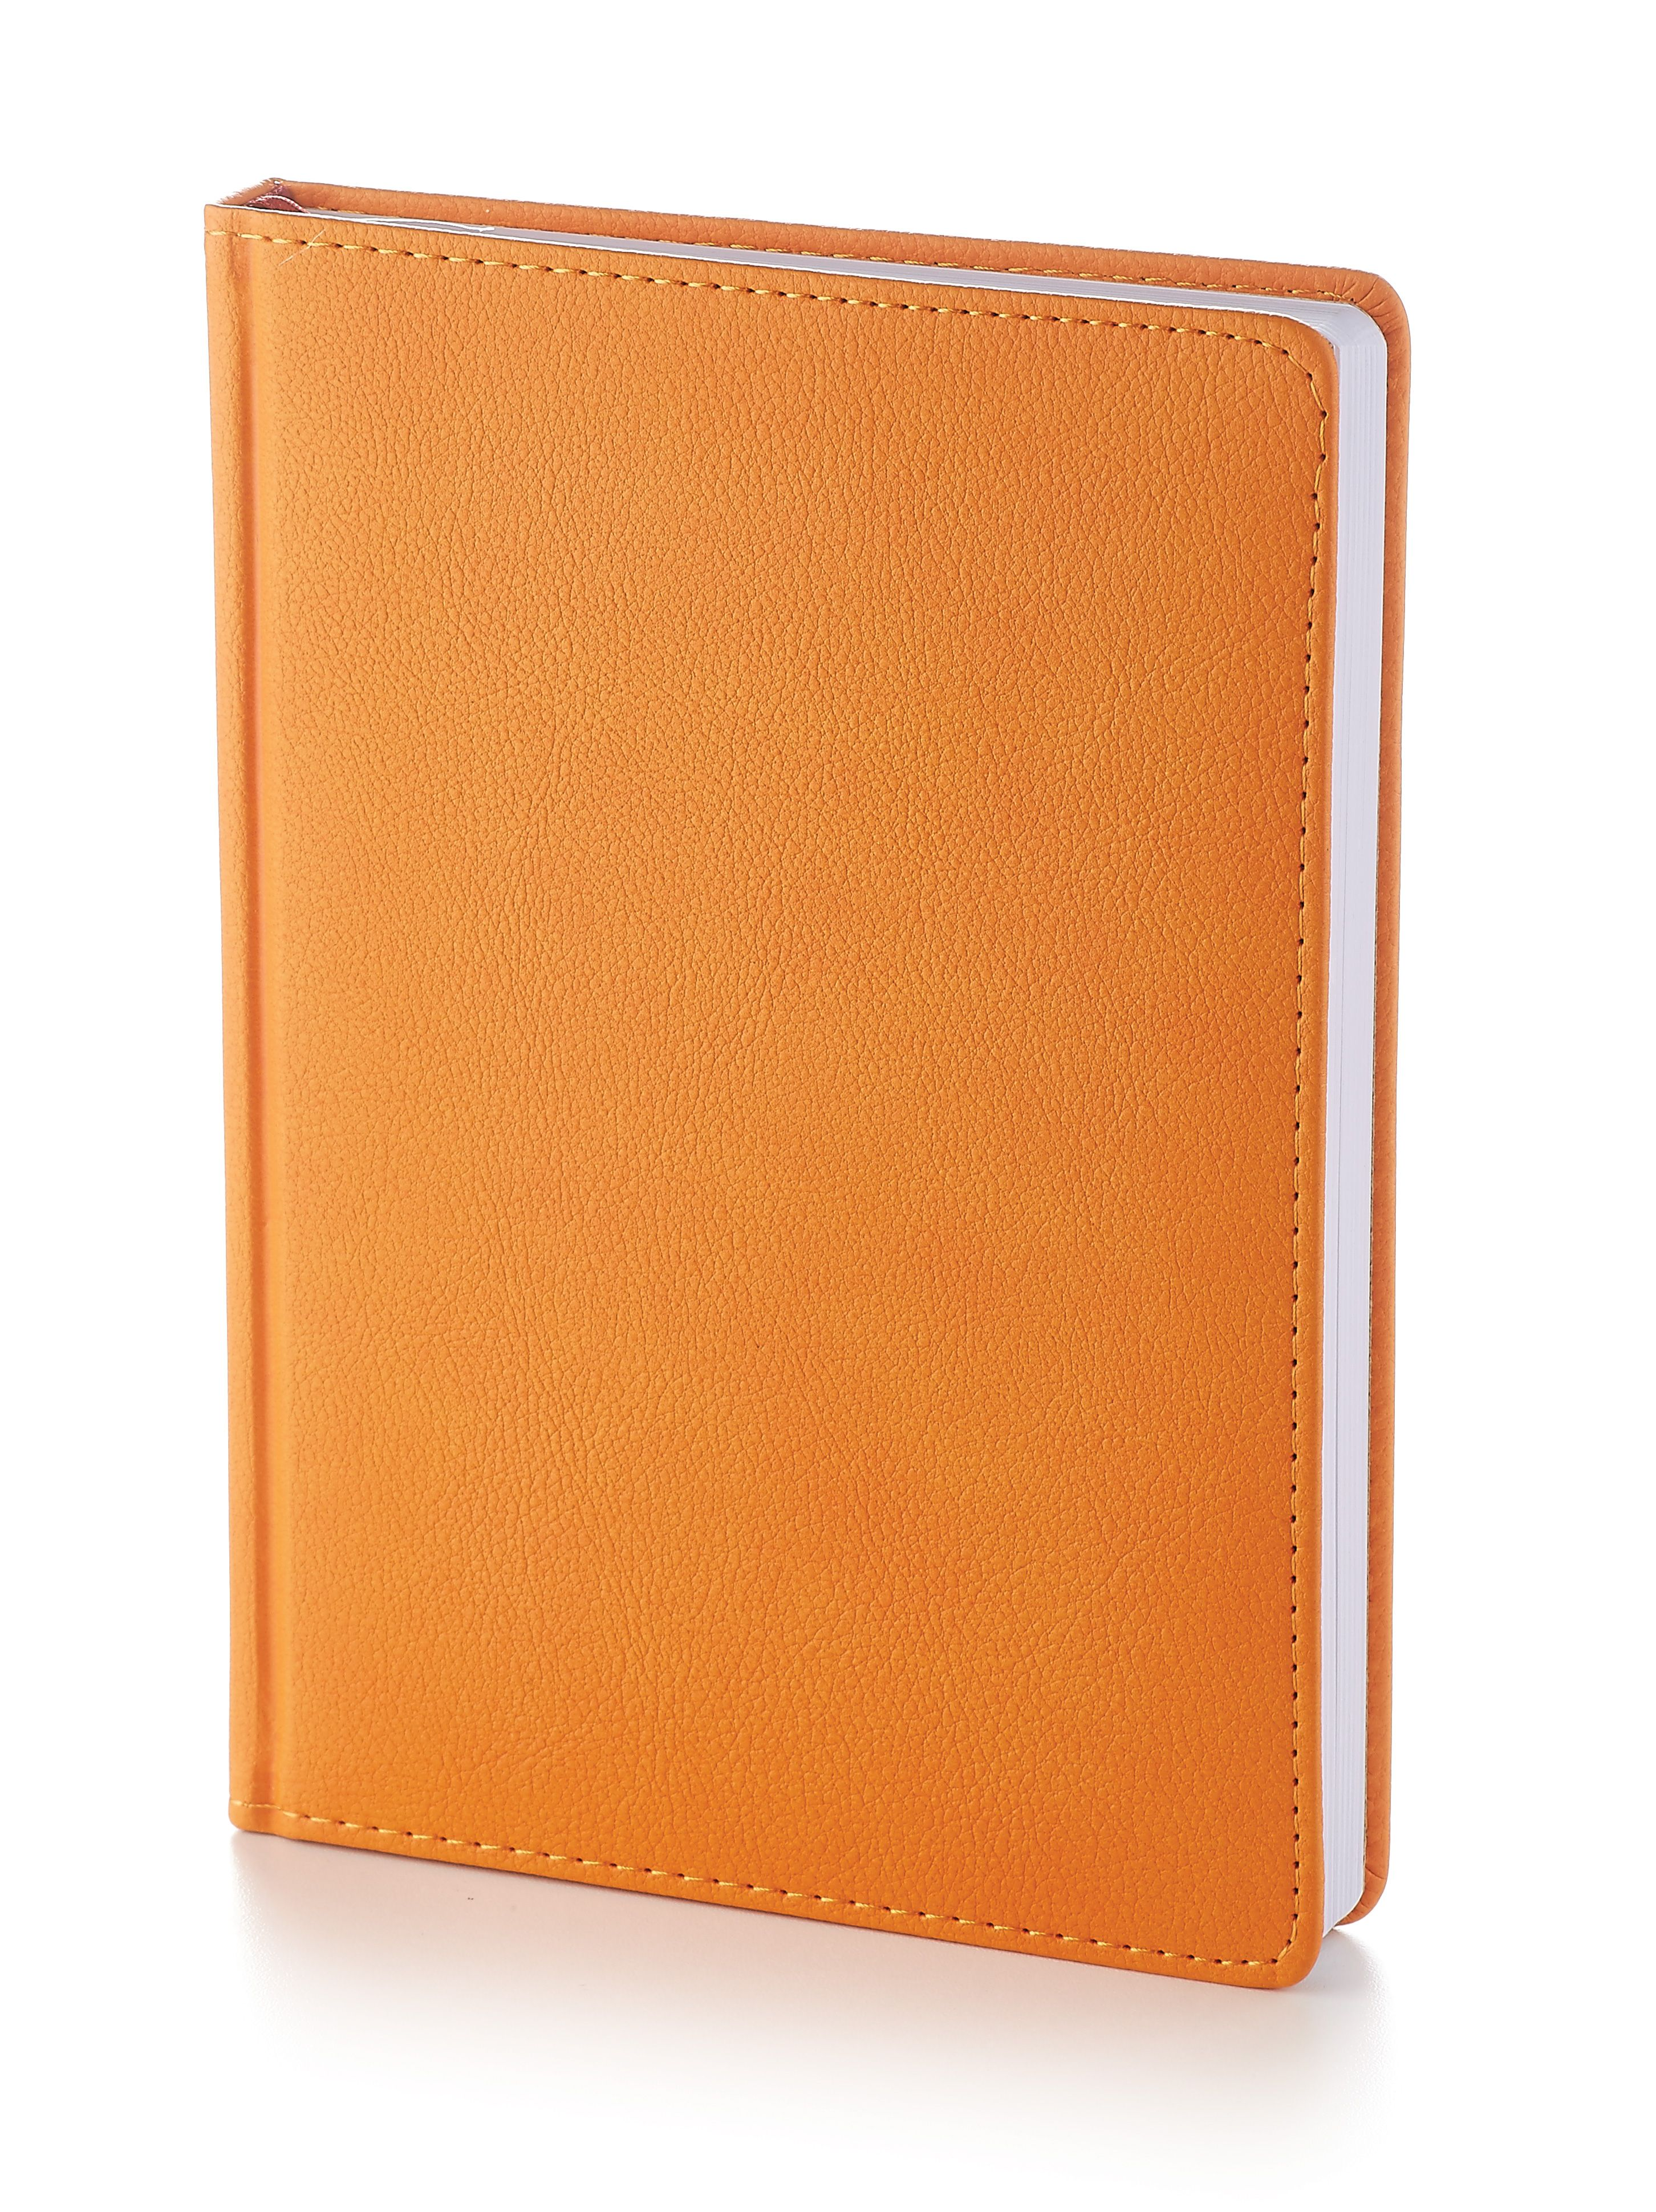 Фотография товара Ежедневник недатированный Leader New, А5, оранжевый, белый блок, закругленные углы, без обреза